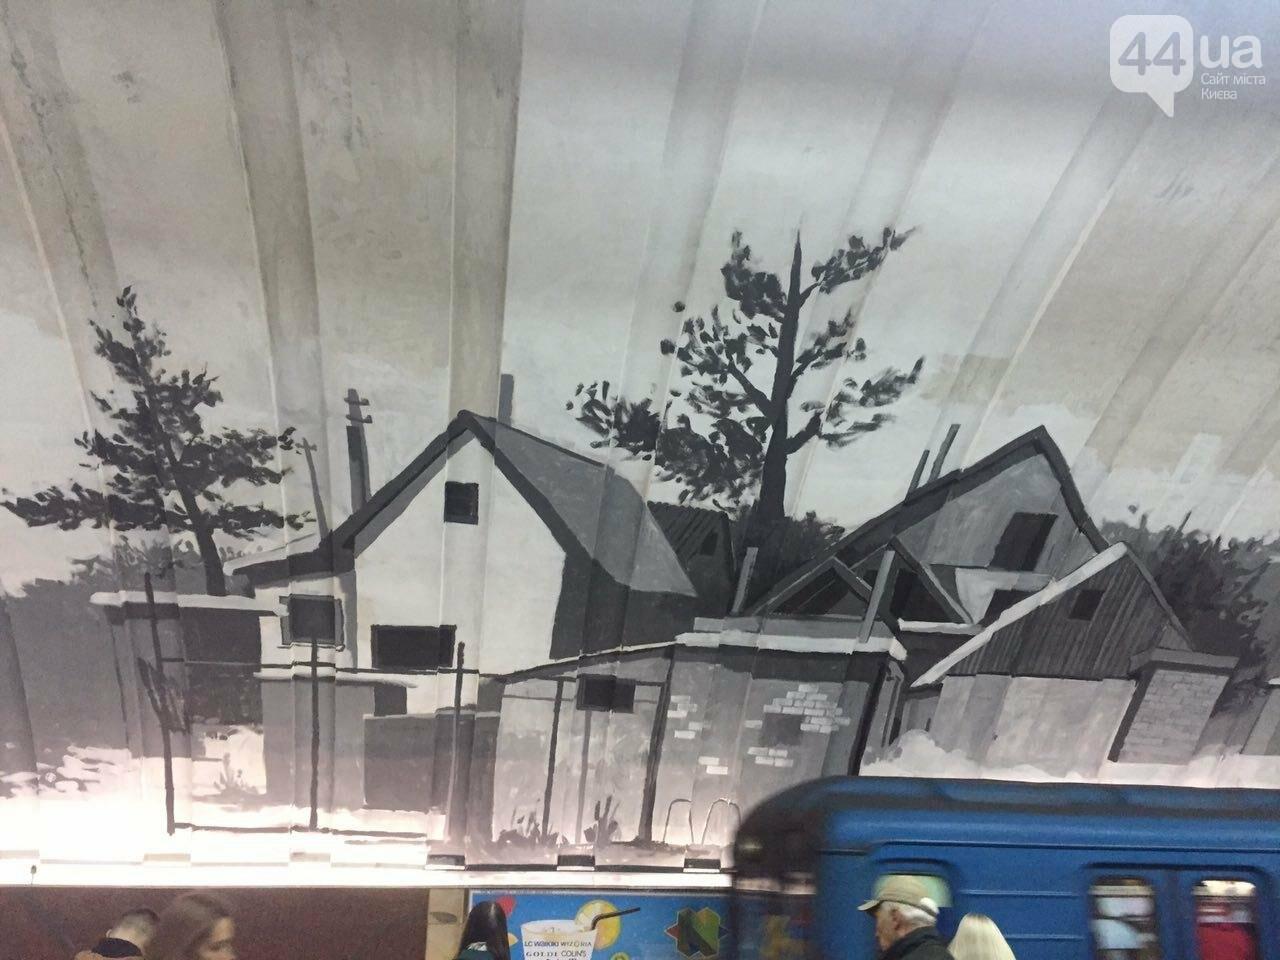 Арт-Осокорки: на станции сформировали 2 эскиза будущей росписи, - ФОТОФАКТ, фото-3